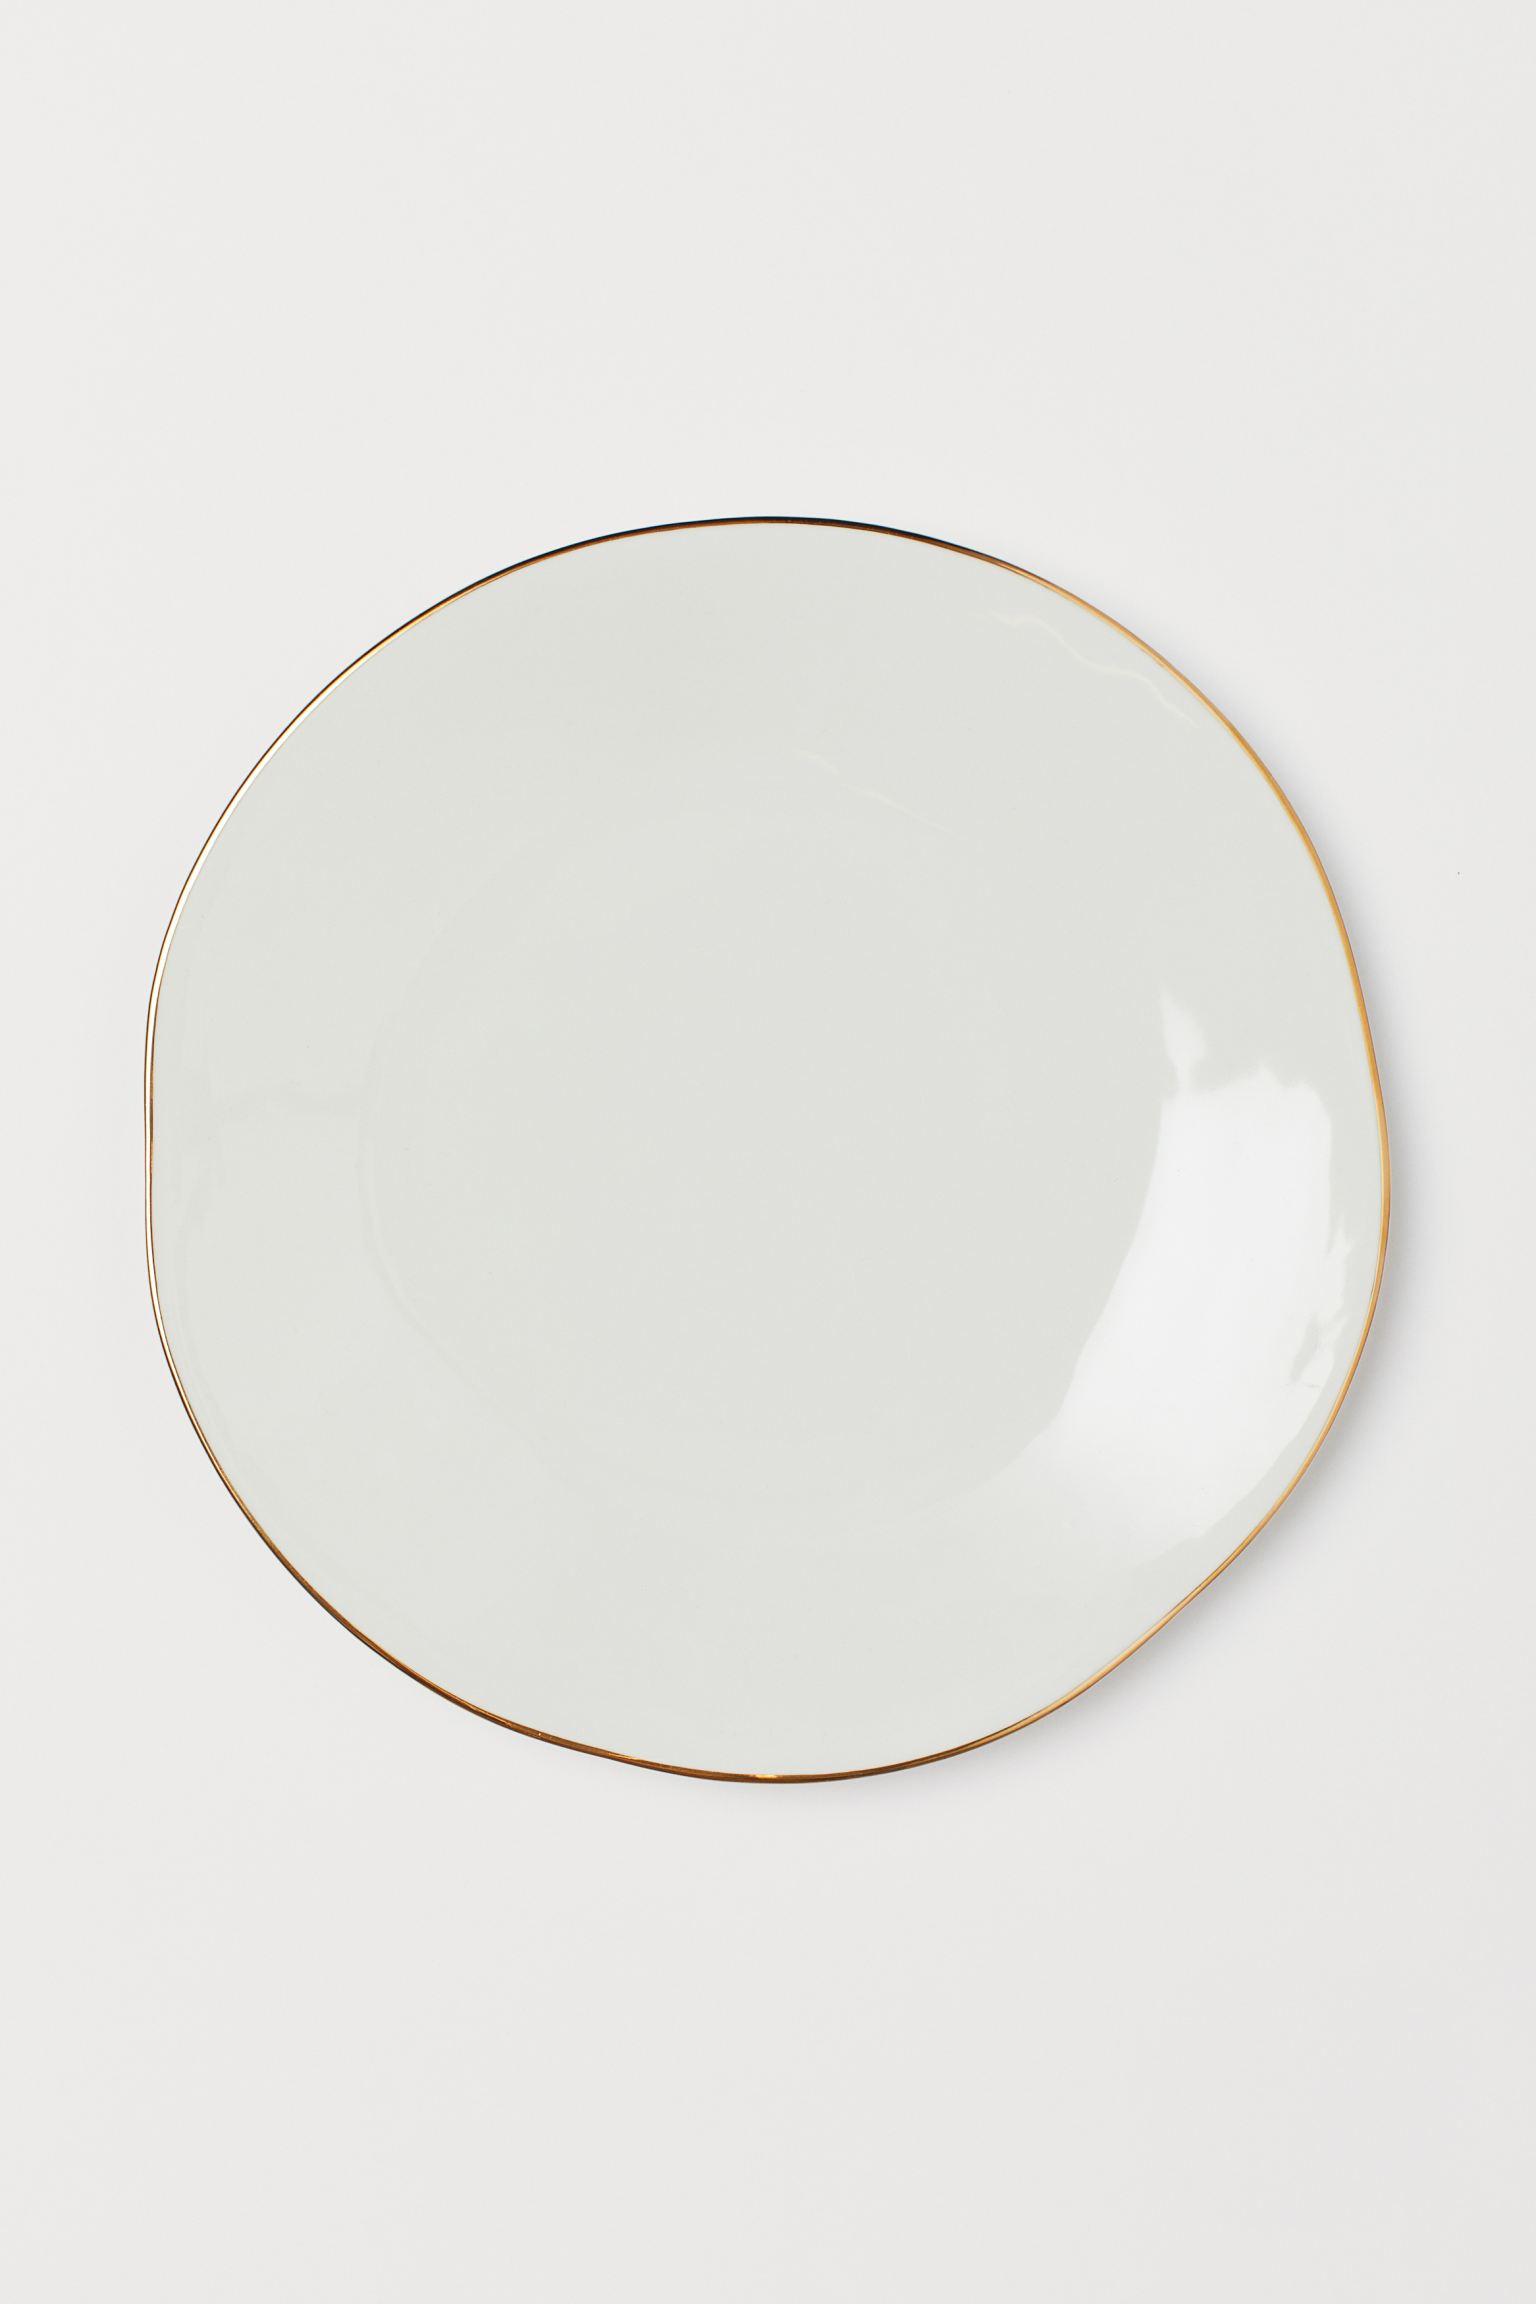 Plato de cerámica vidriada